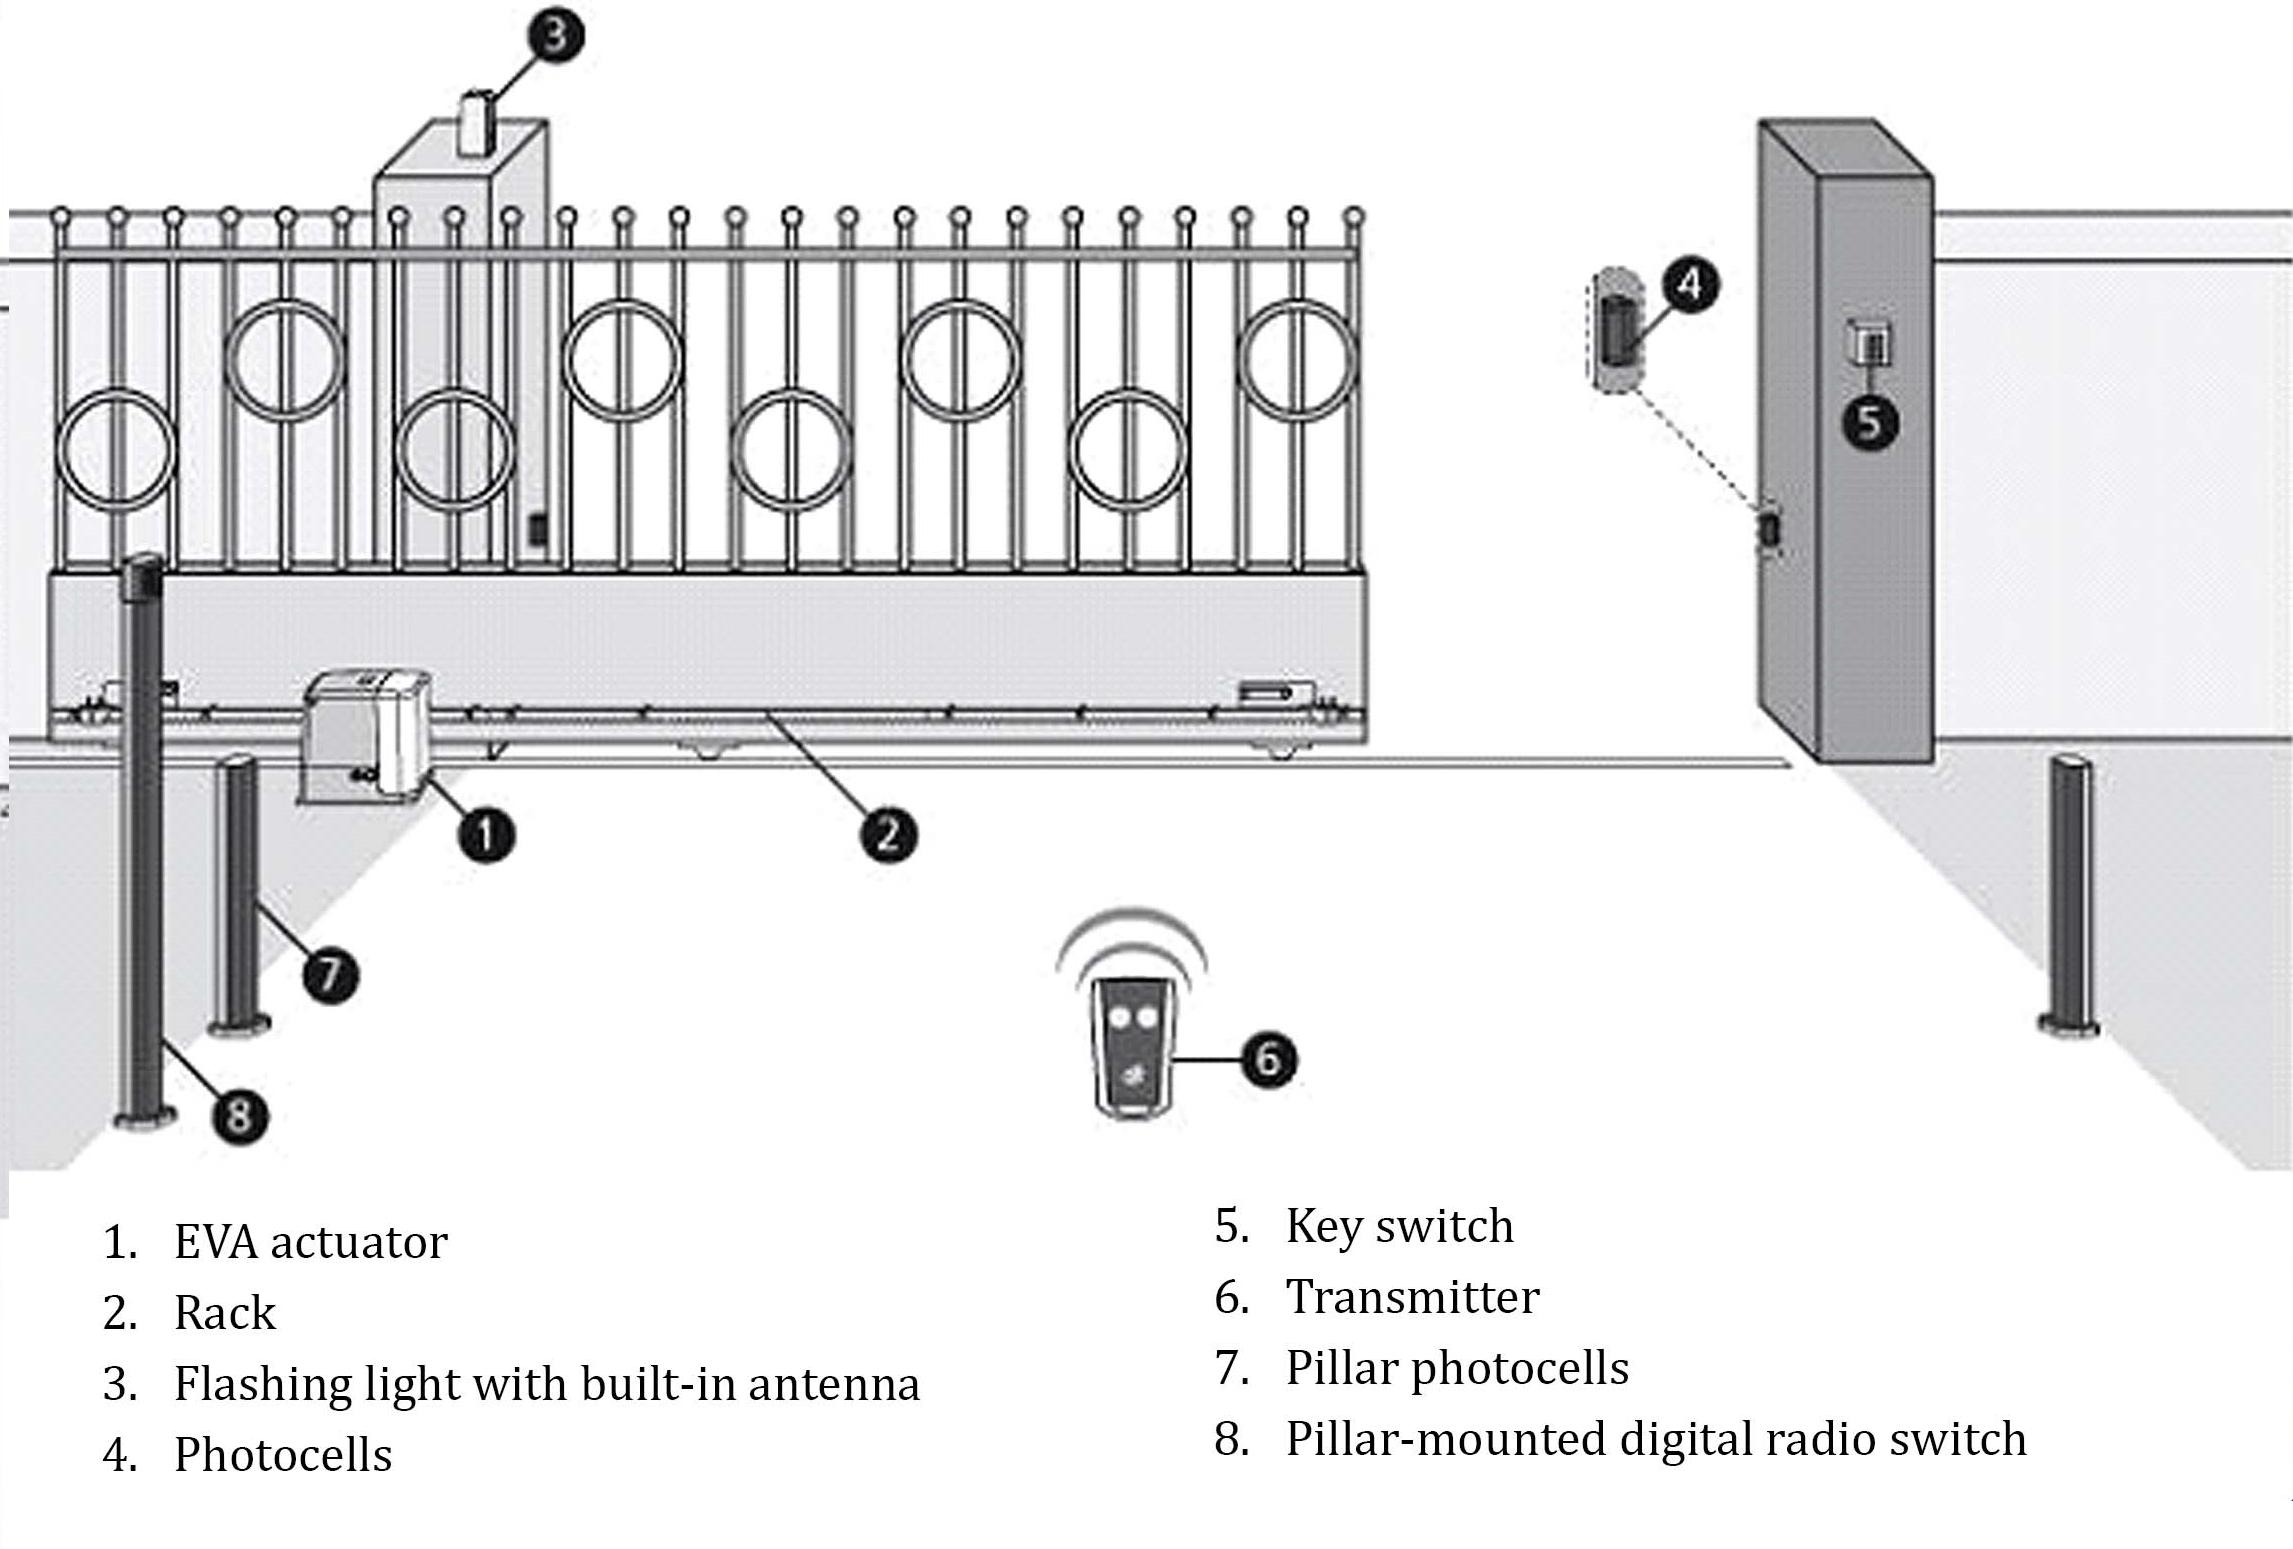 sliding gate layout